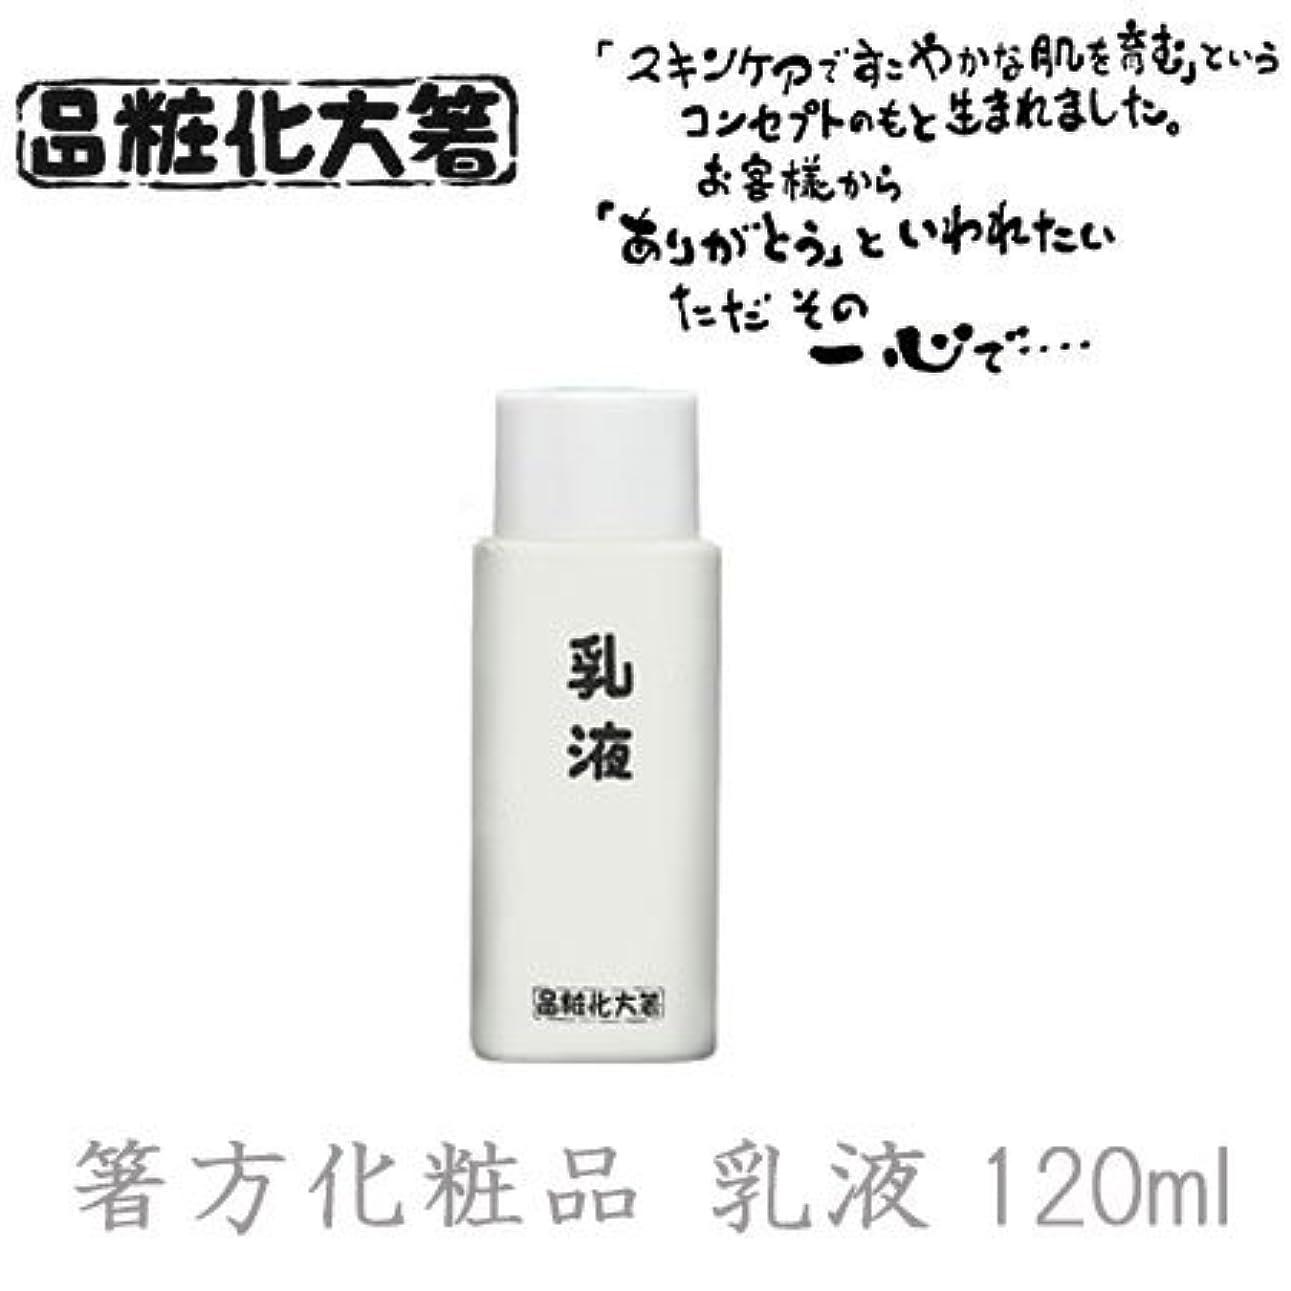 識字職業動力学箸方化粧品 乳液 120ml はしかた化粧品